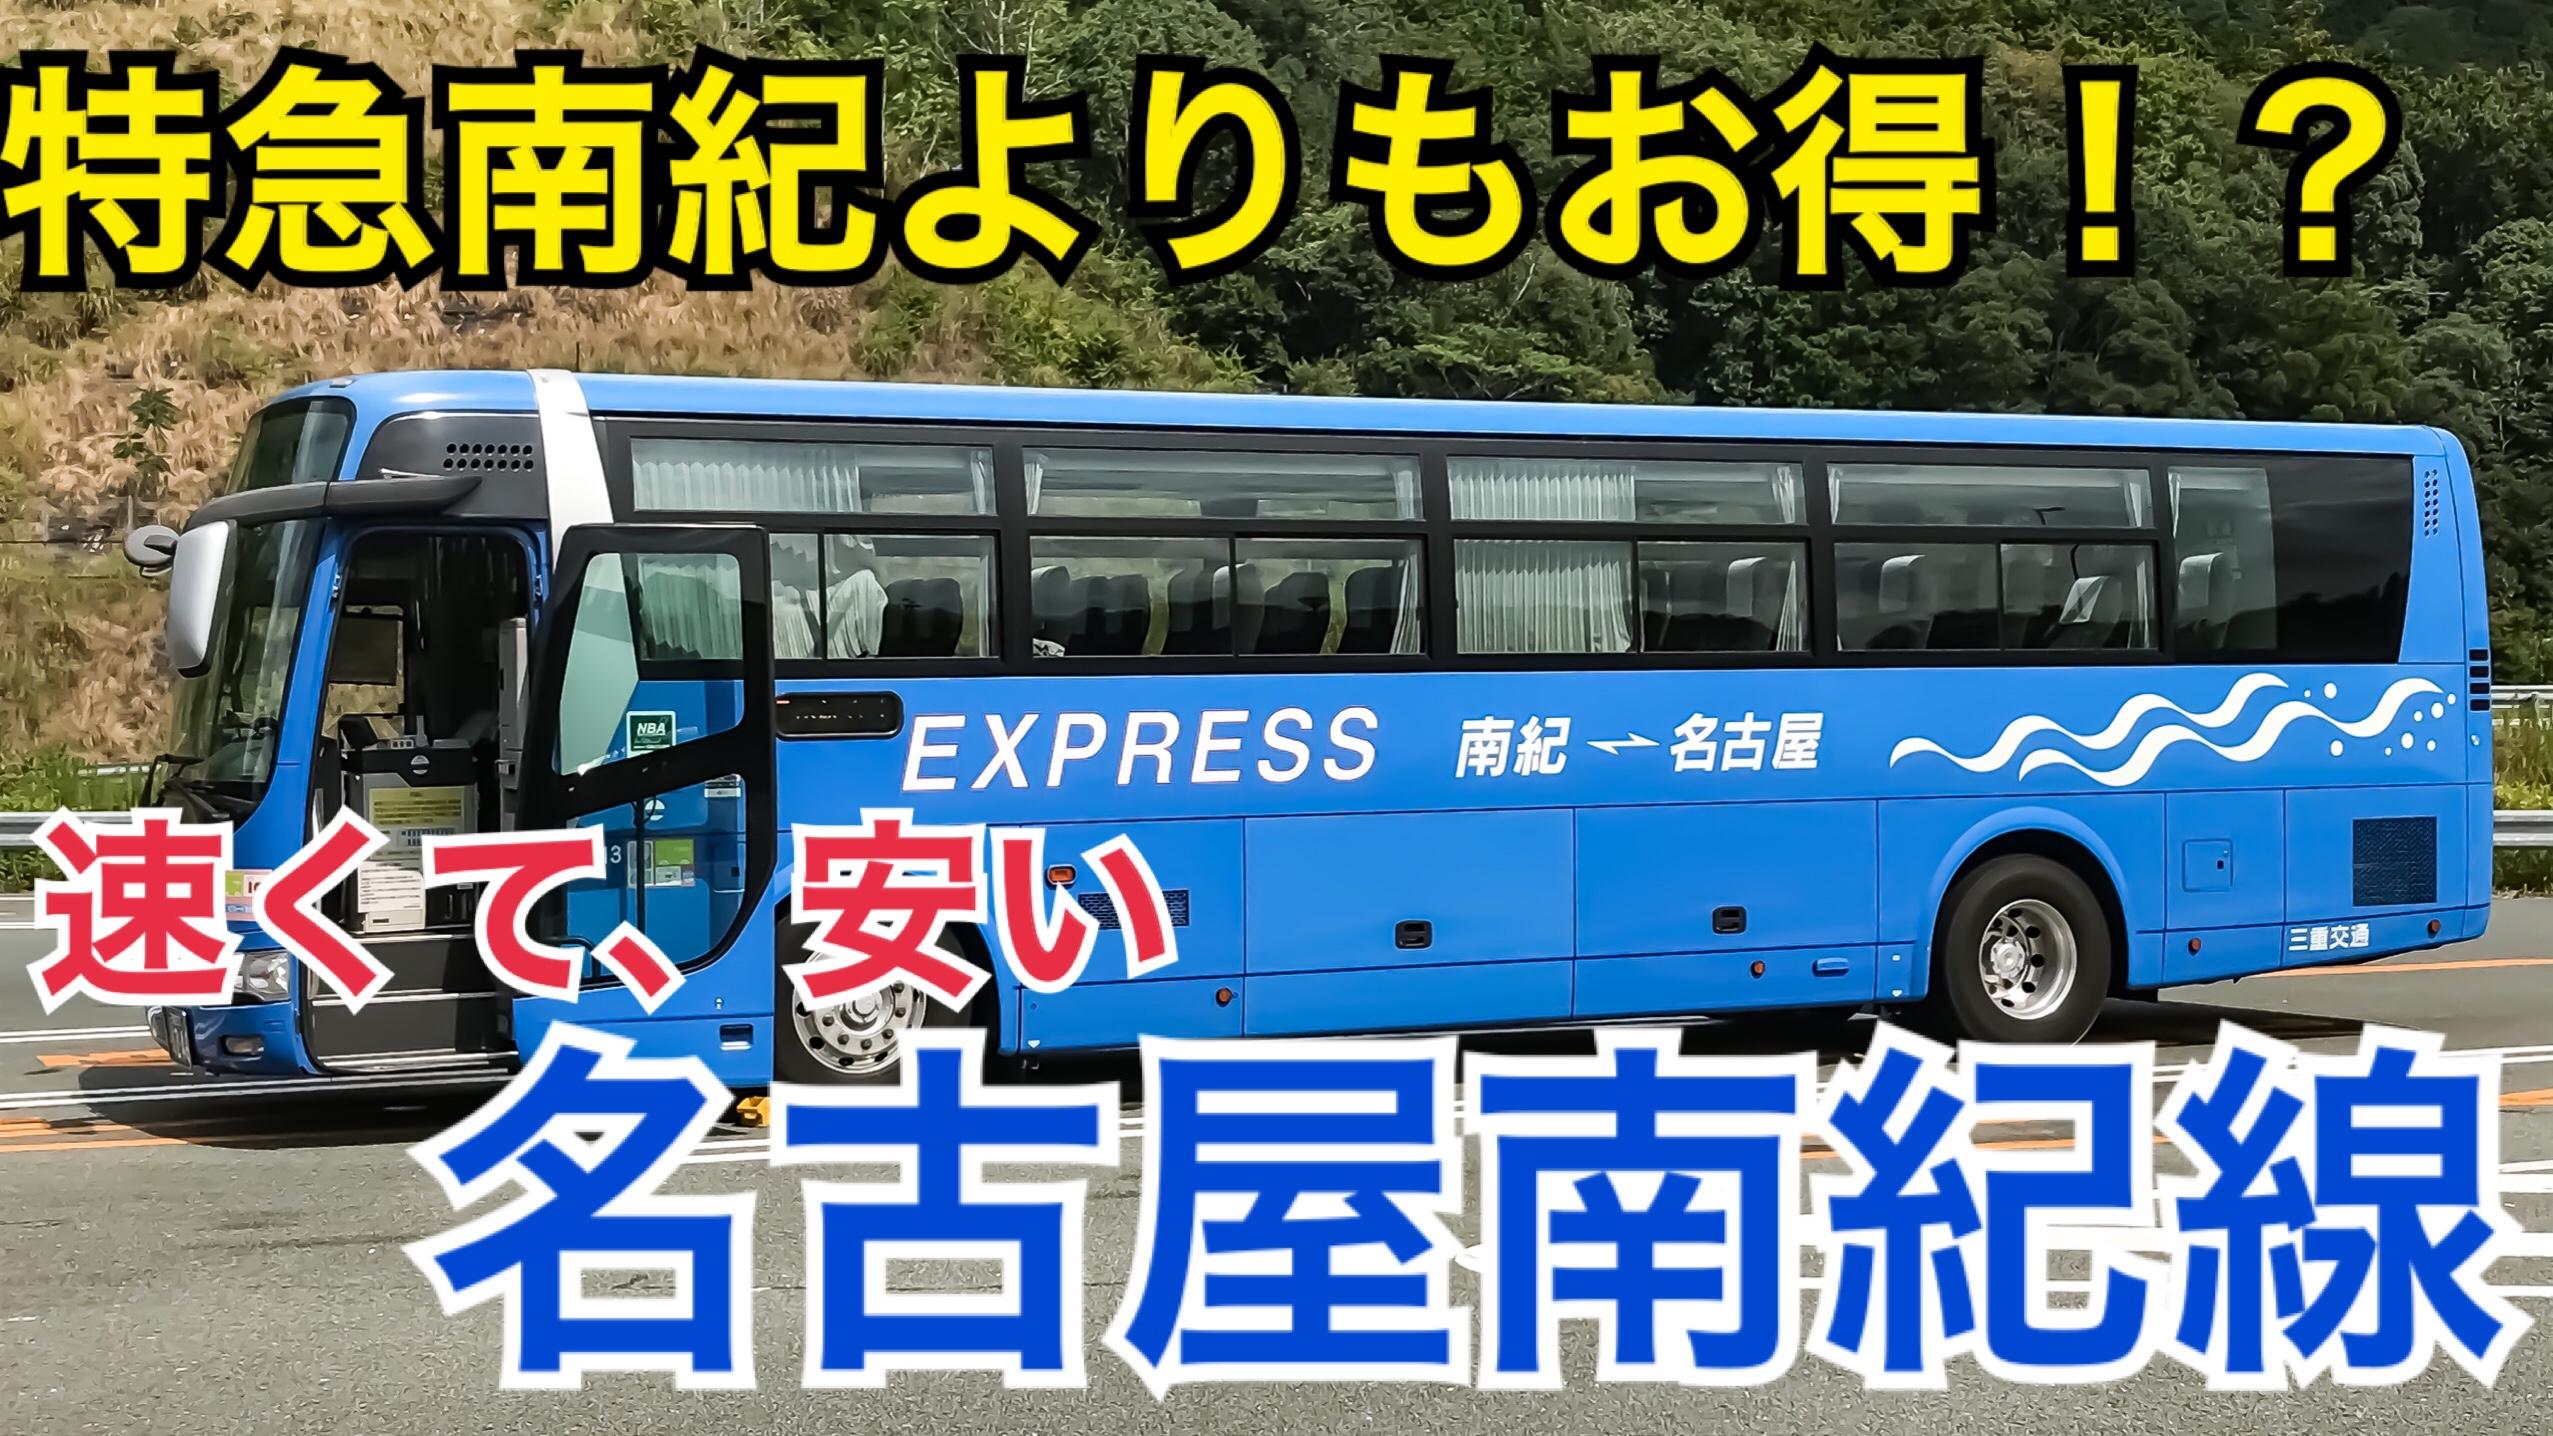 名古屋新宮間をお得に!特急南紀よりも安い三重交通名古屋南紀線がおすすめ!【西日本1周の旅】